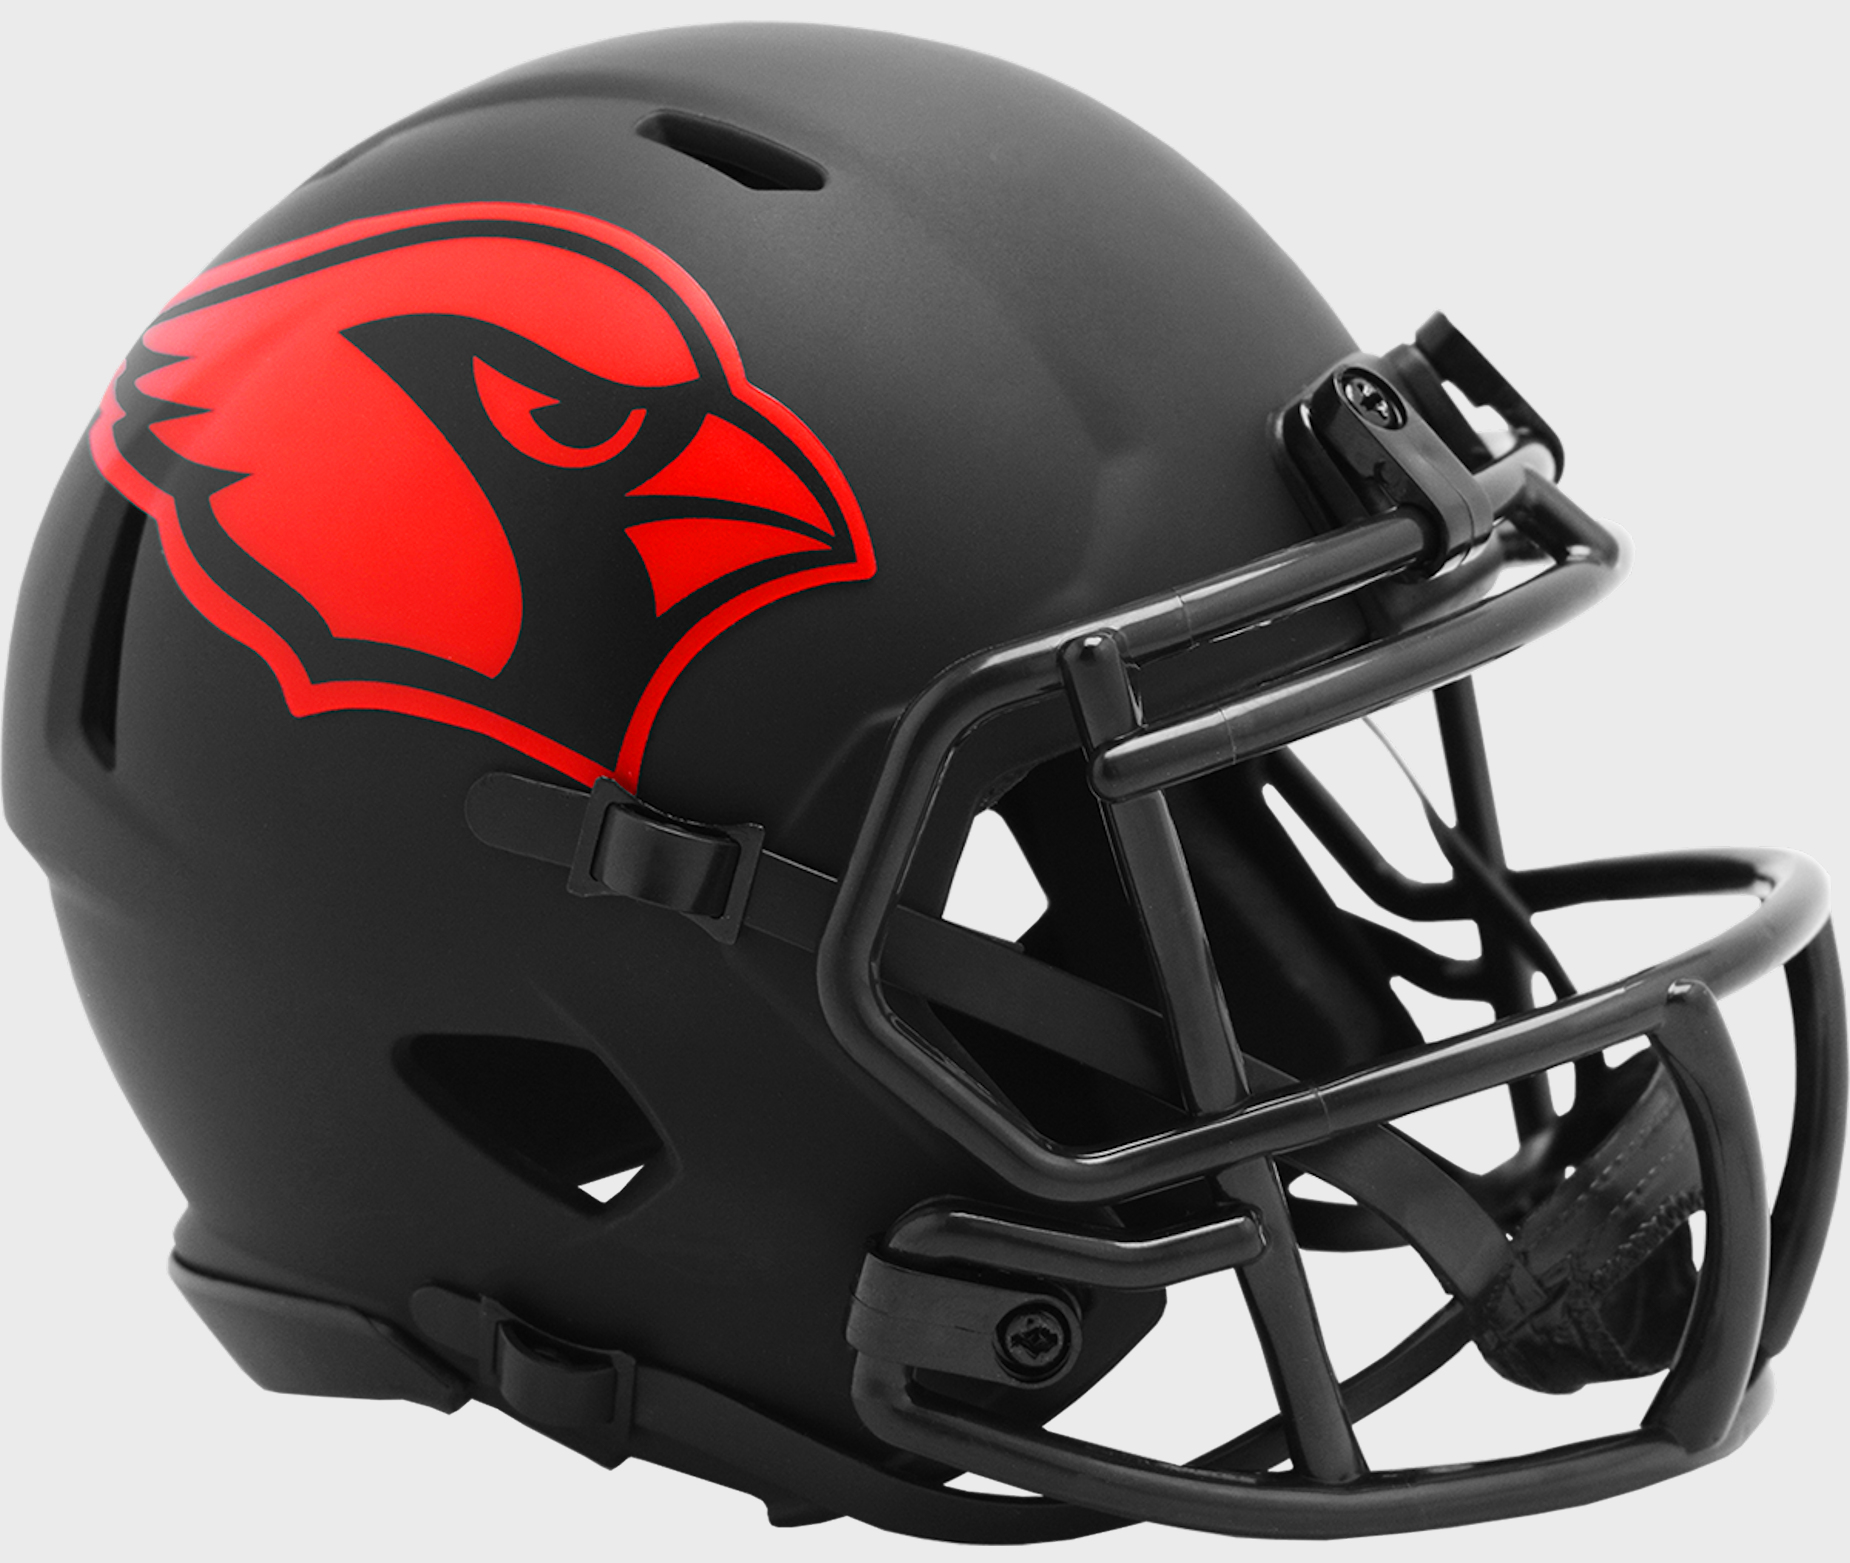 Arizona Cardinals NFL Mini Speed Football Helmet <B>ECLIPSE</B>